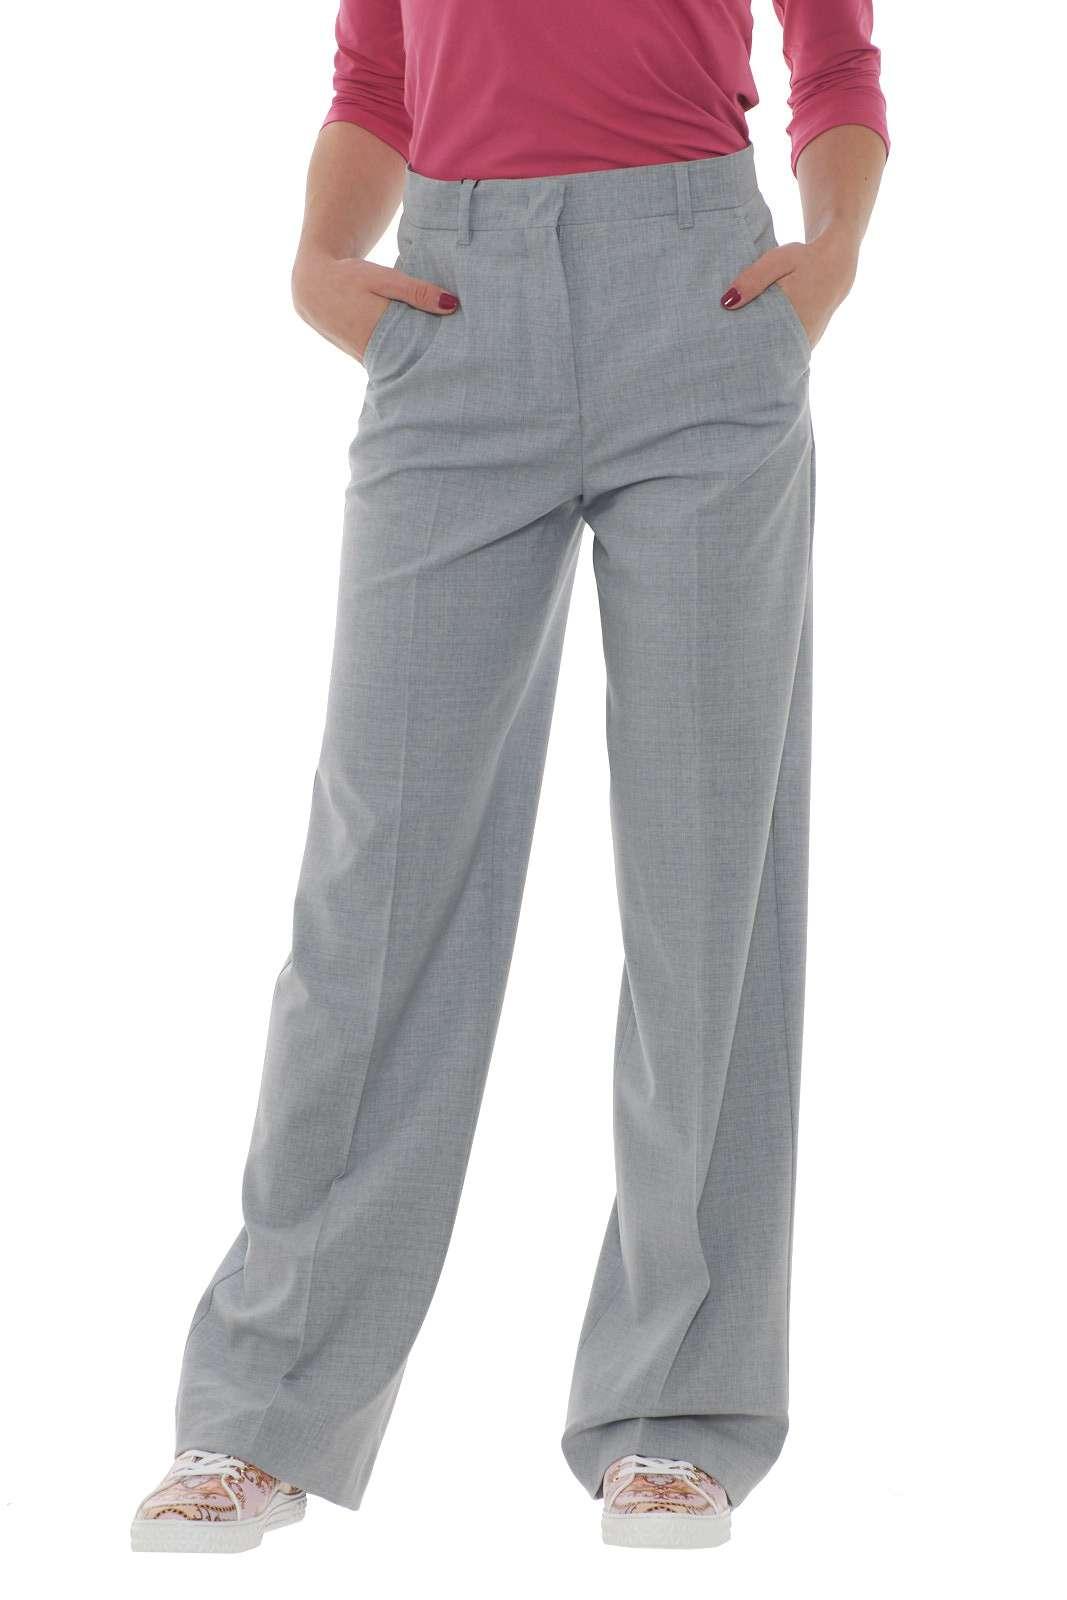 https://www.parmax.com/media/catalog/product/a/i/PE-outlet_parmax-pantaloni-donna-MaxMara-51311407-A.jpg